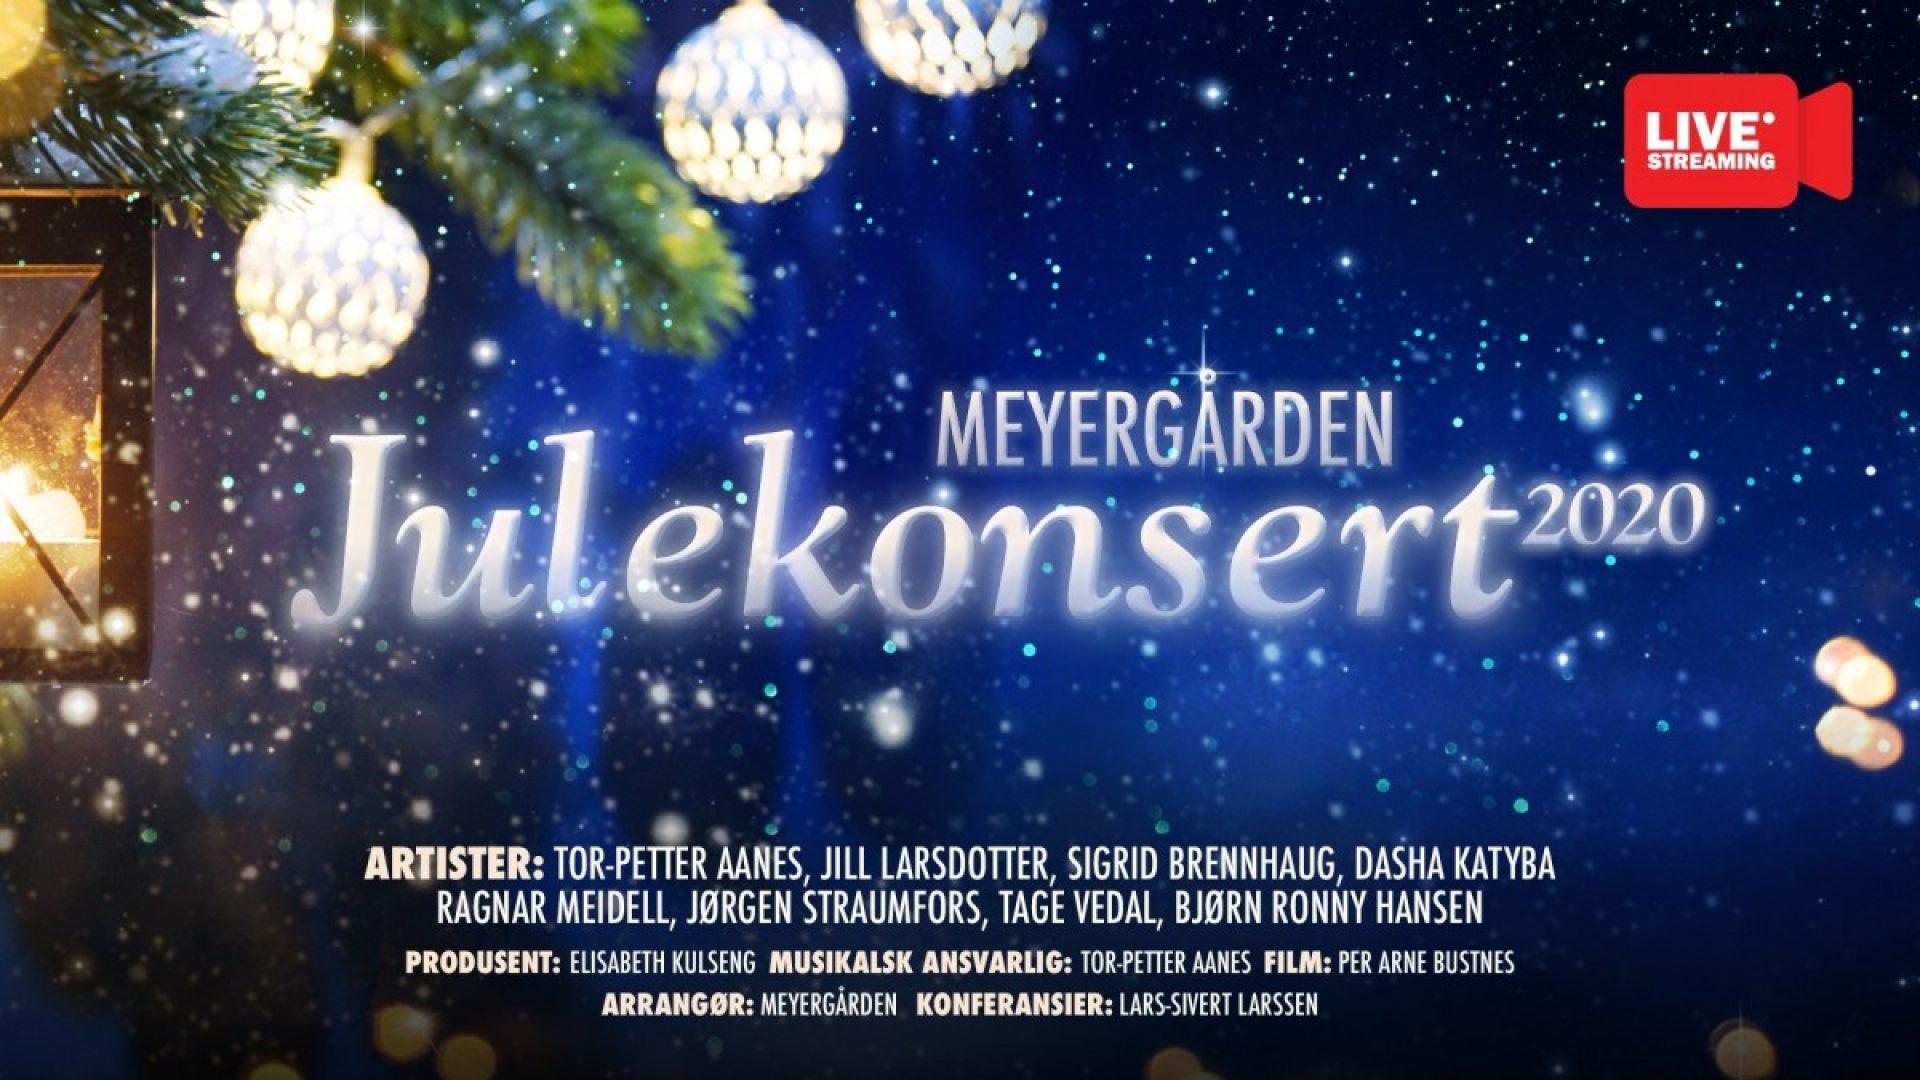 Plakat for Meyergårdens julekonsert